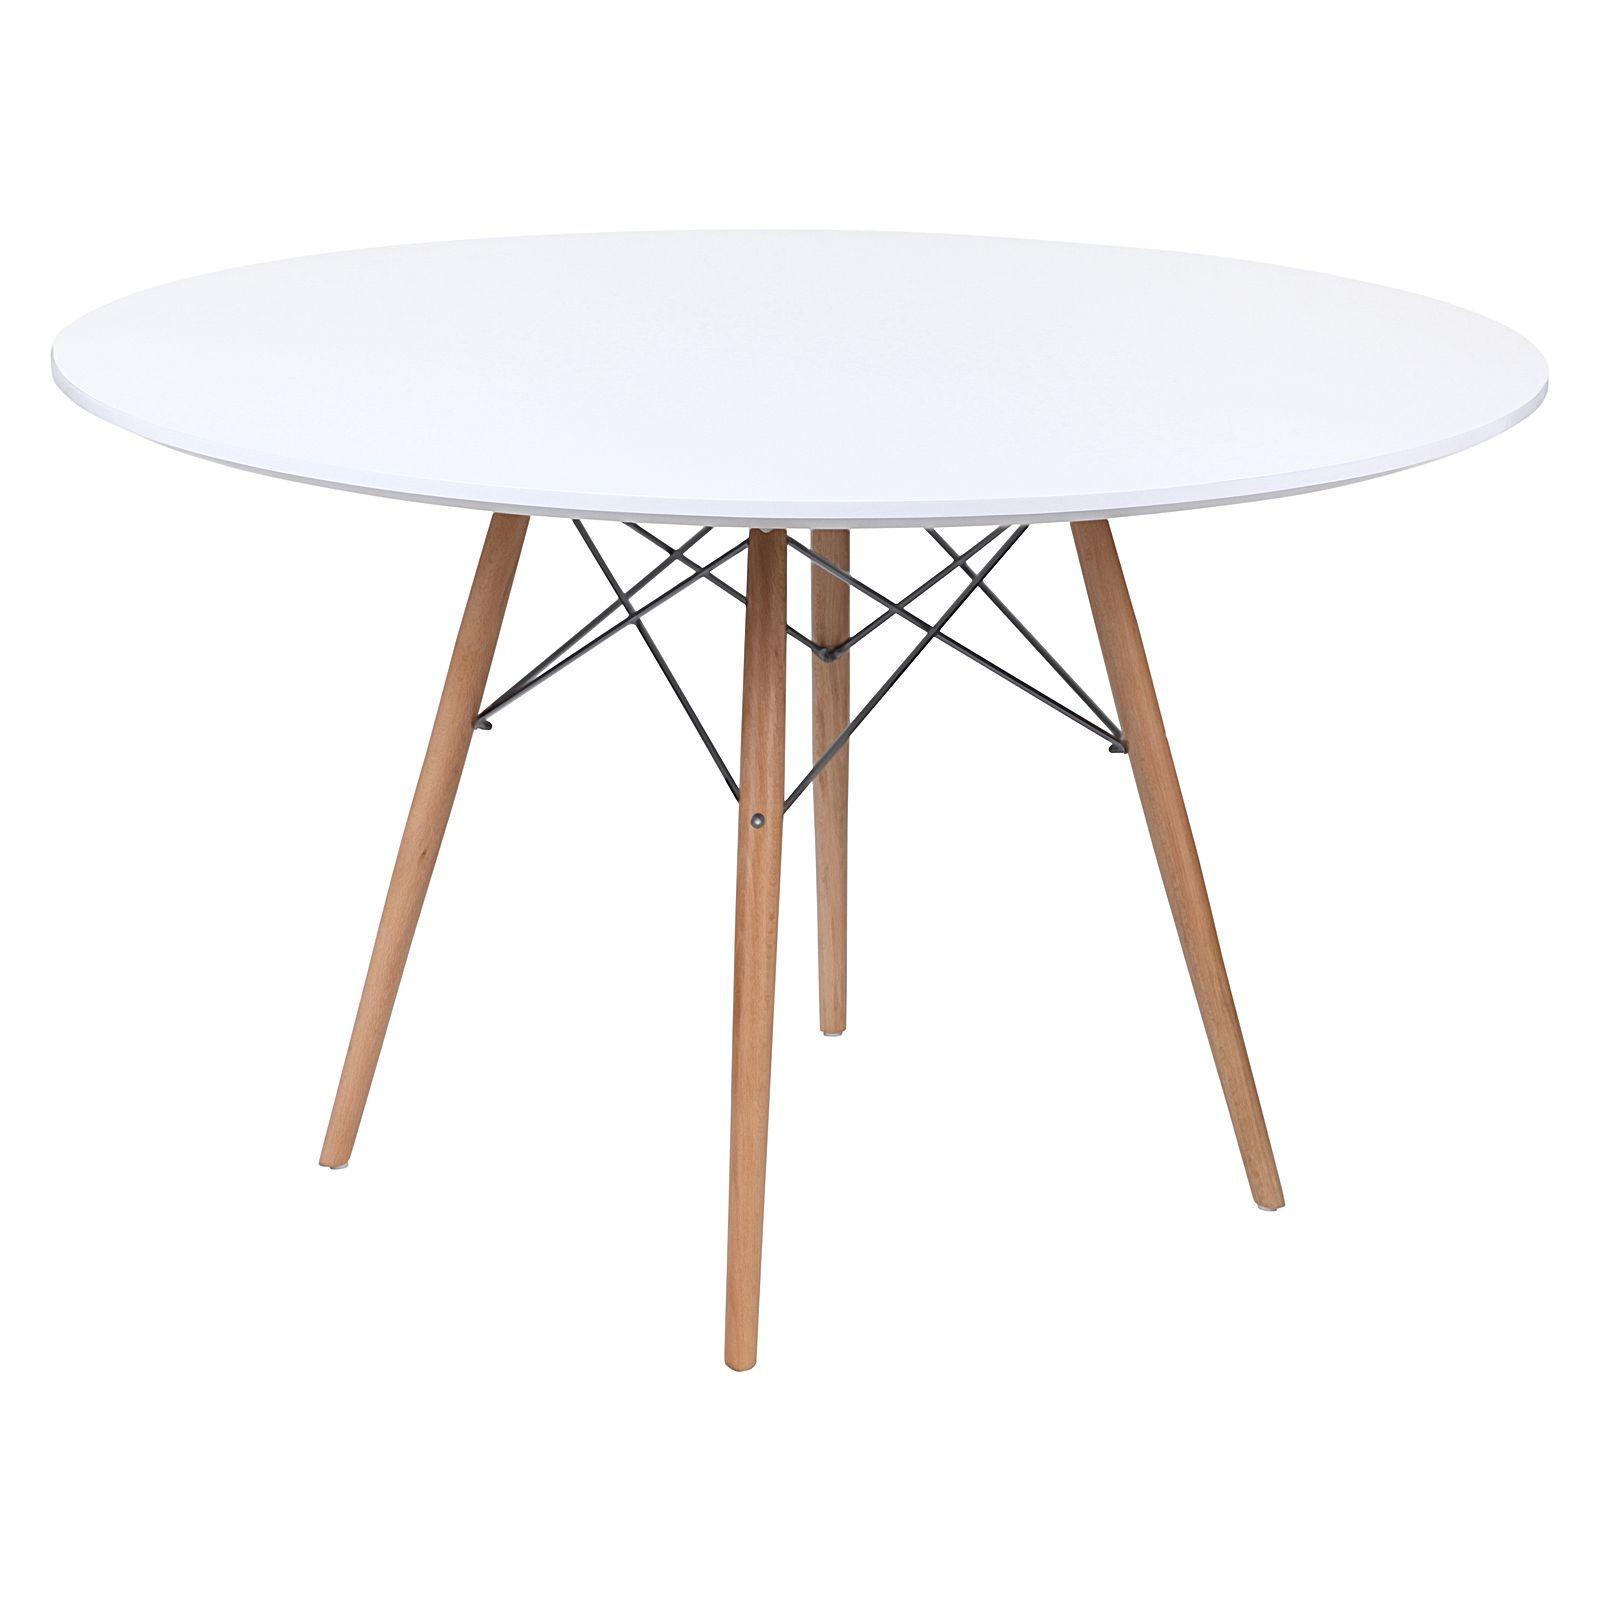 Http Www Zanui Com Au Replica Eames Eiffel Dsw Round Dining Table 96800 Html Mesa De Comedor Mesa Redonda Comedor Mesa De Comedor Contemporanea [ 1600 x 1600 Pixel ]